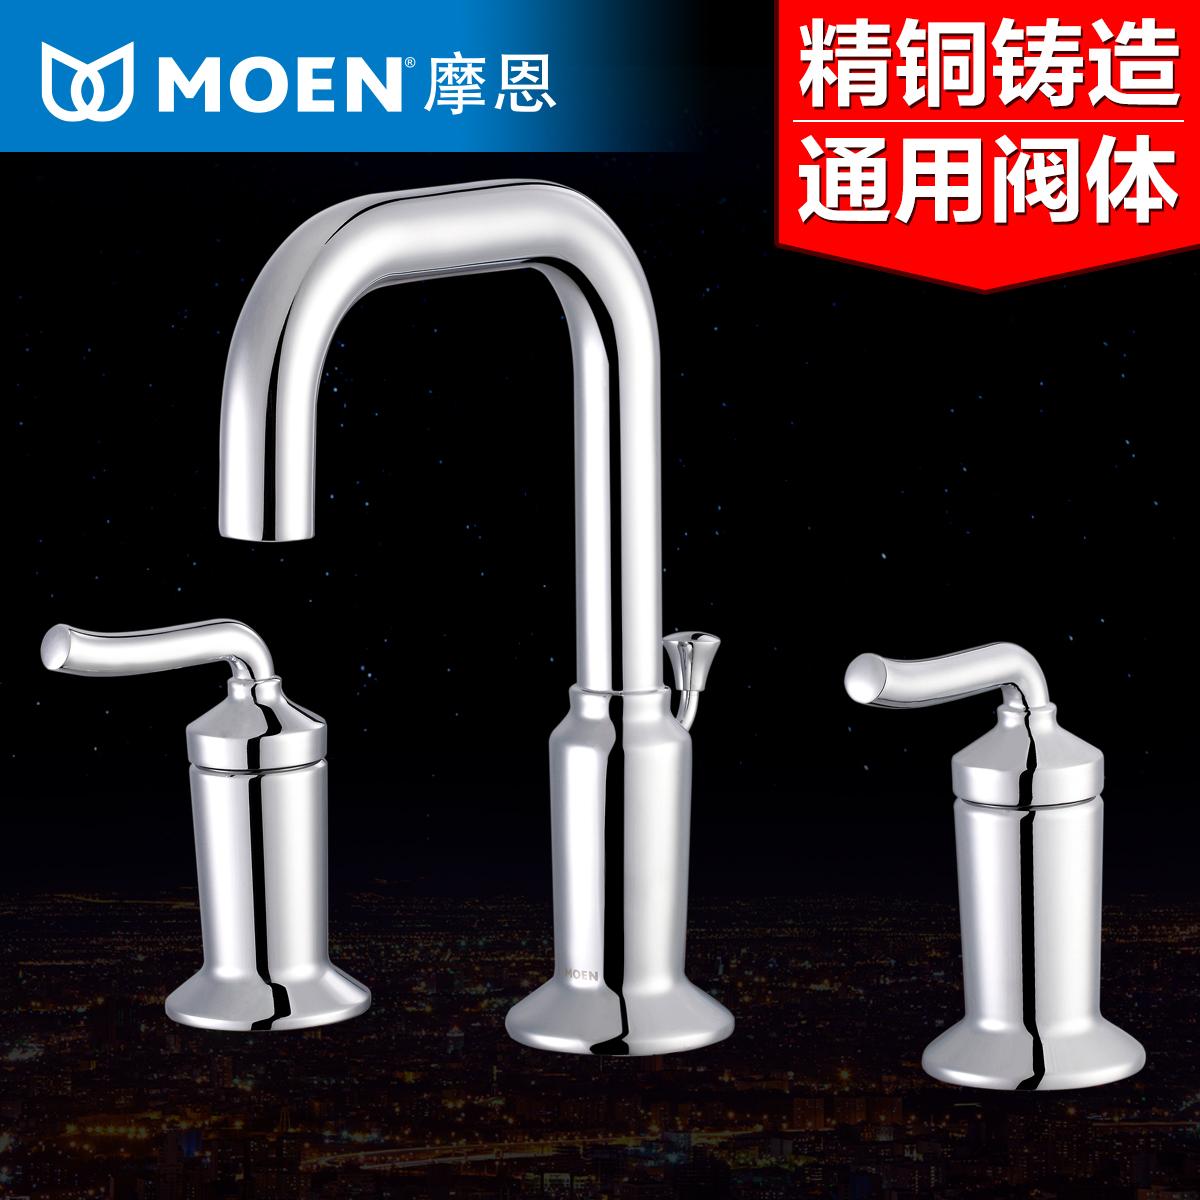 摩恩 复古卫浴卫生间双把单孔洗手洗脸盆面盆台盆冷热水龙头16228